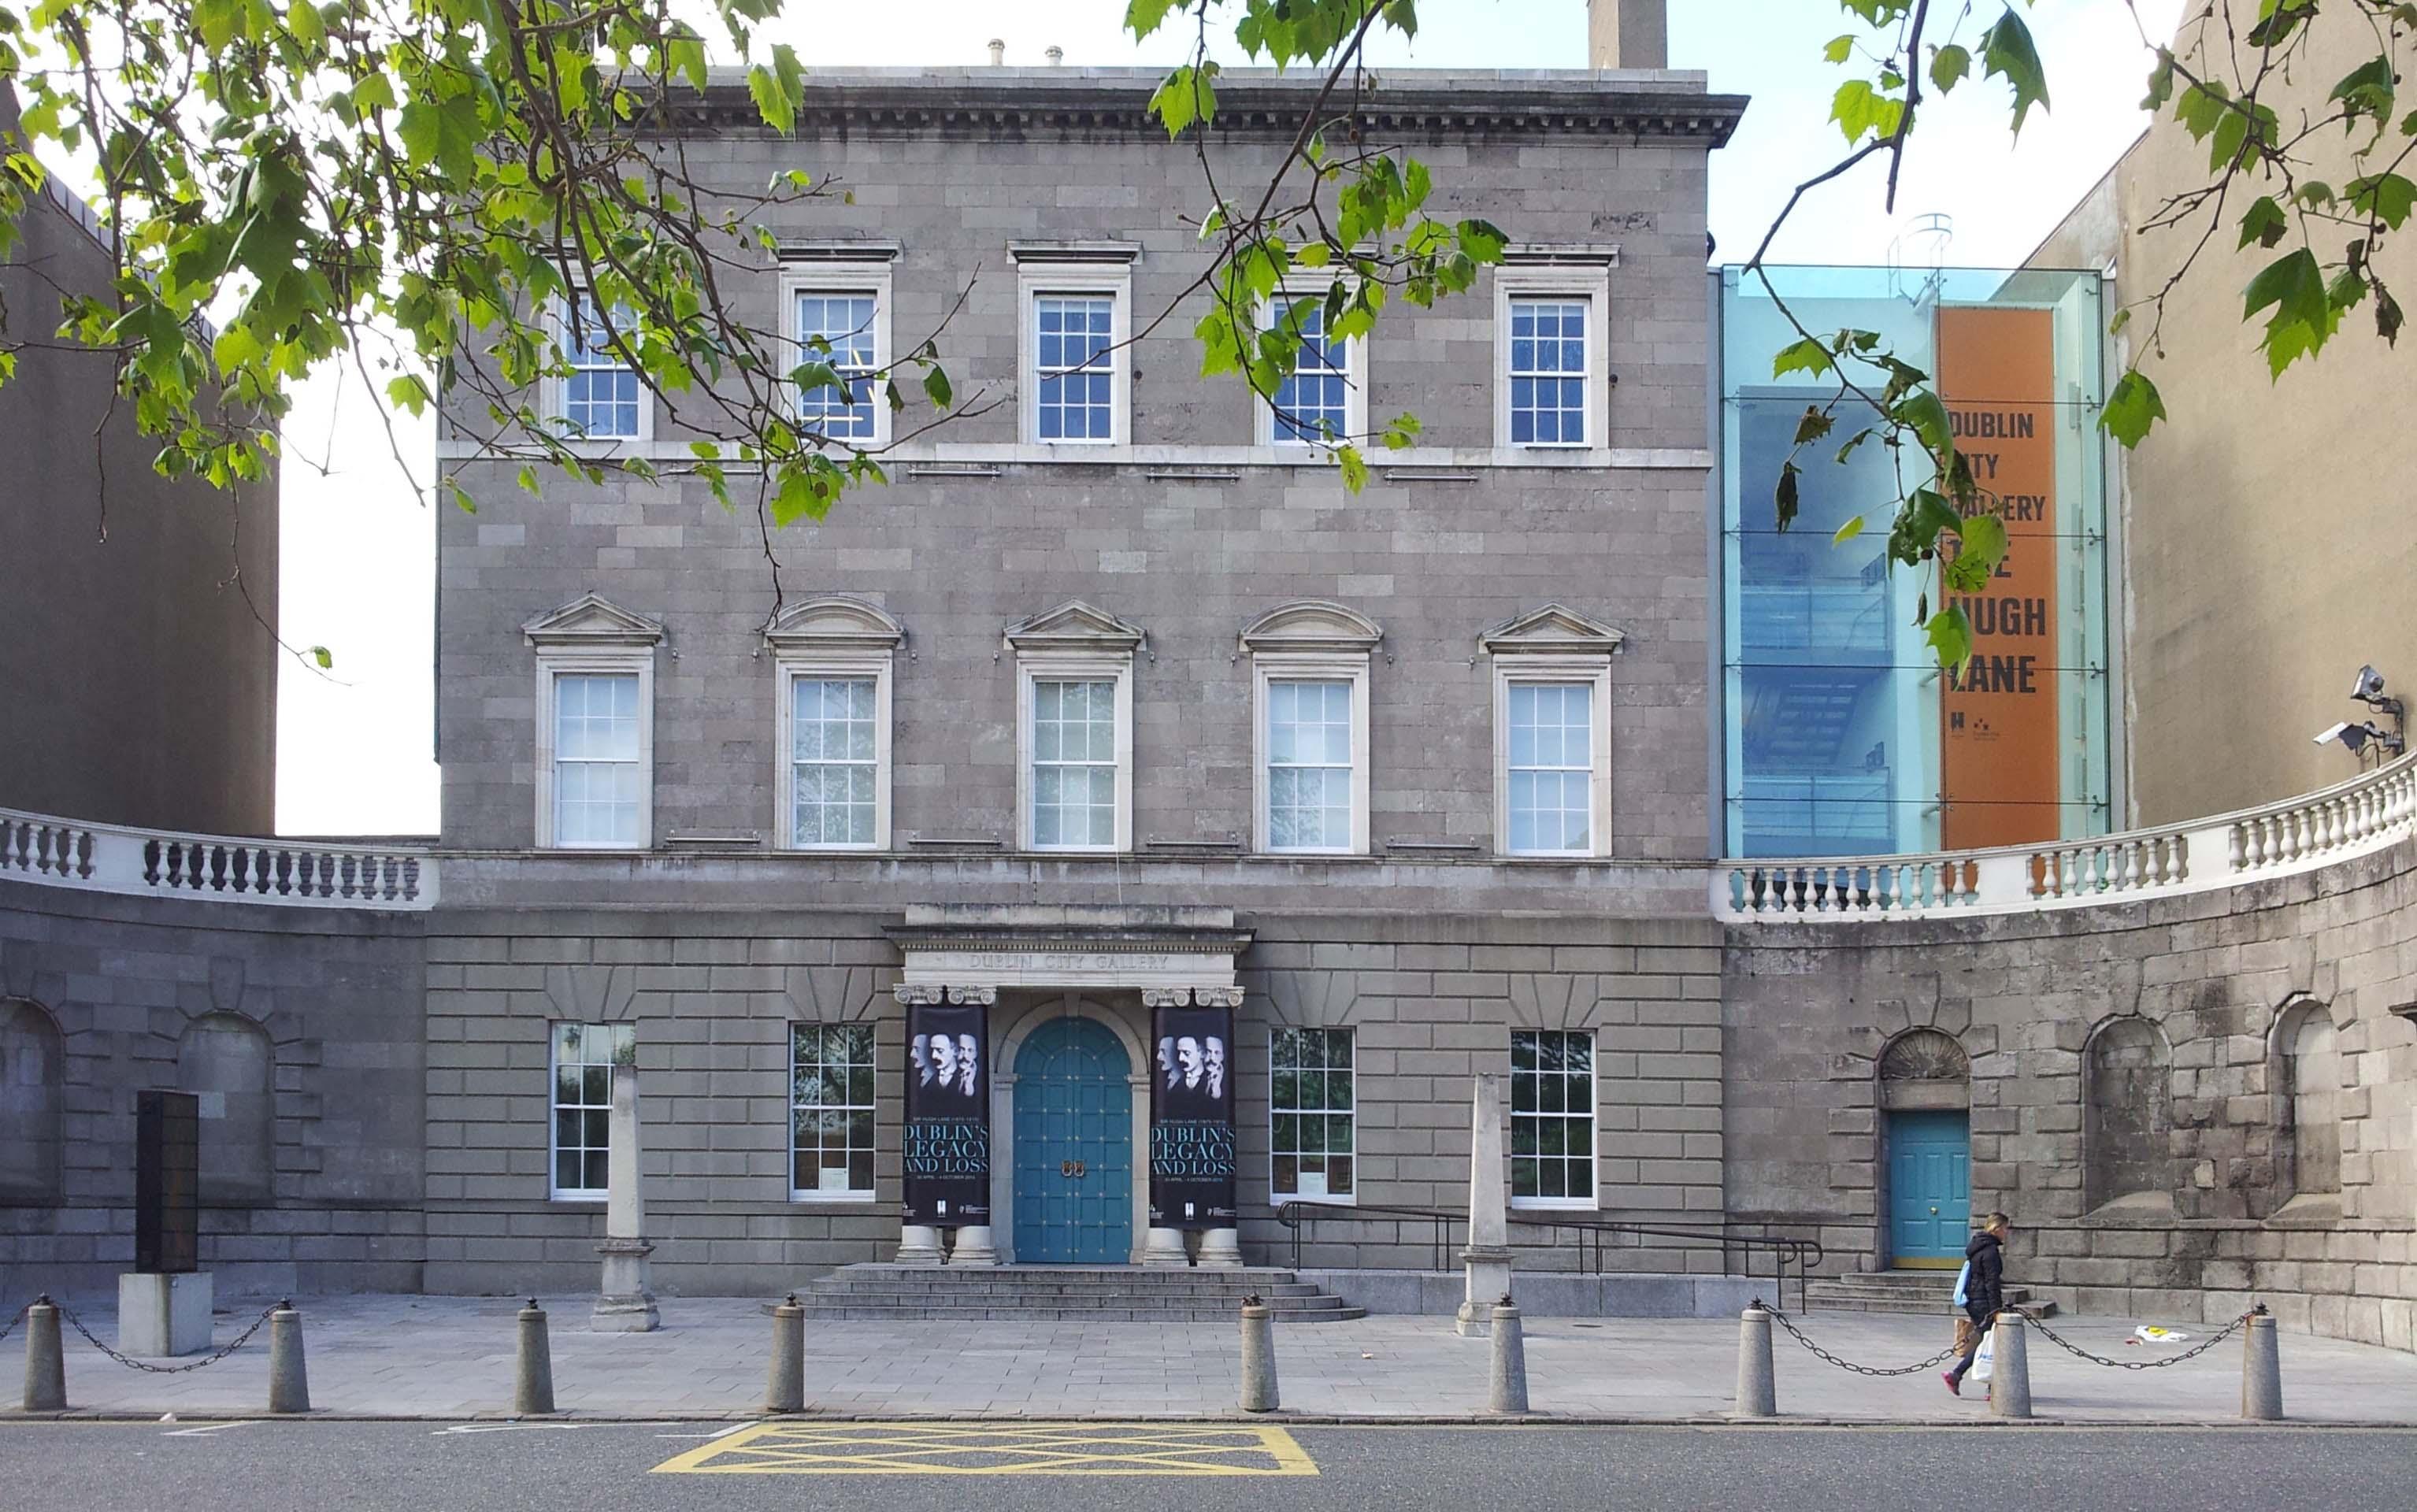 Dublin City Gallery